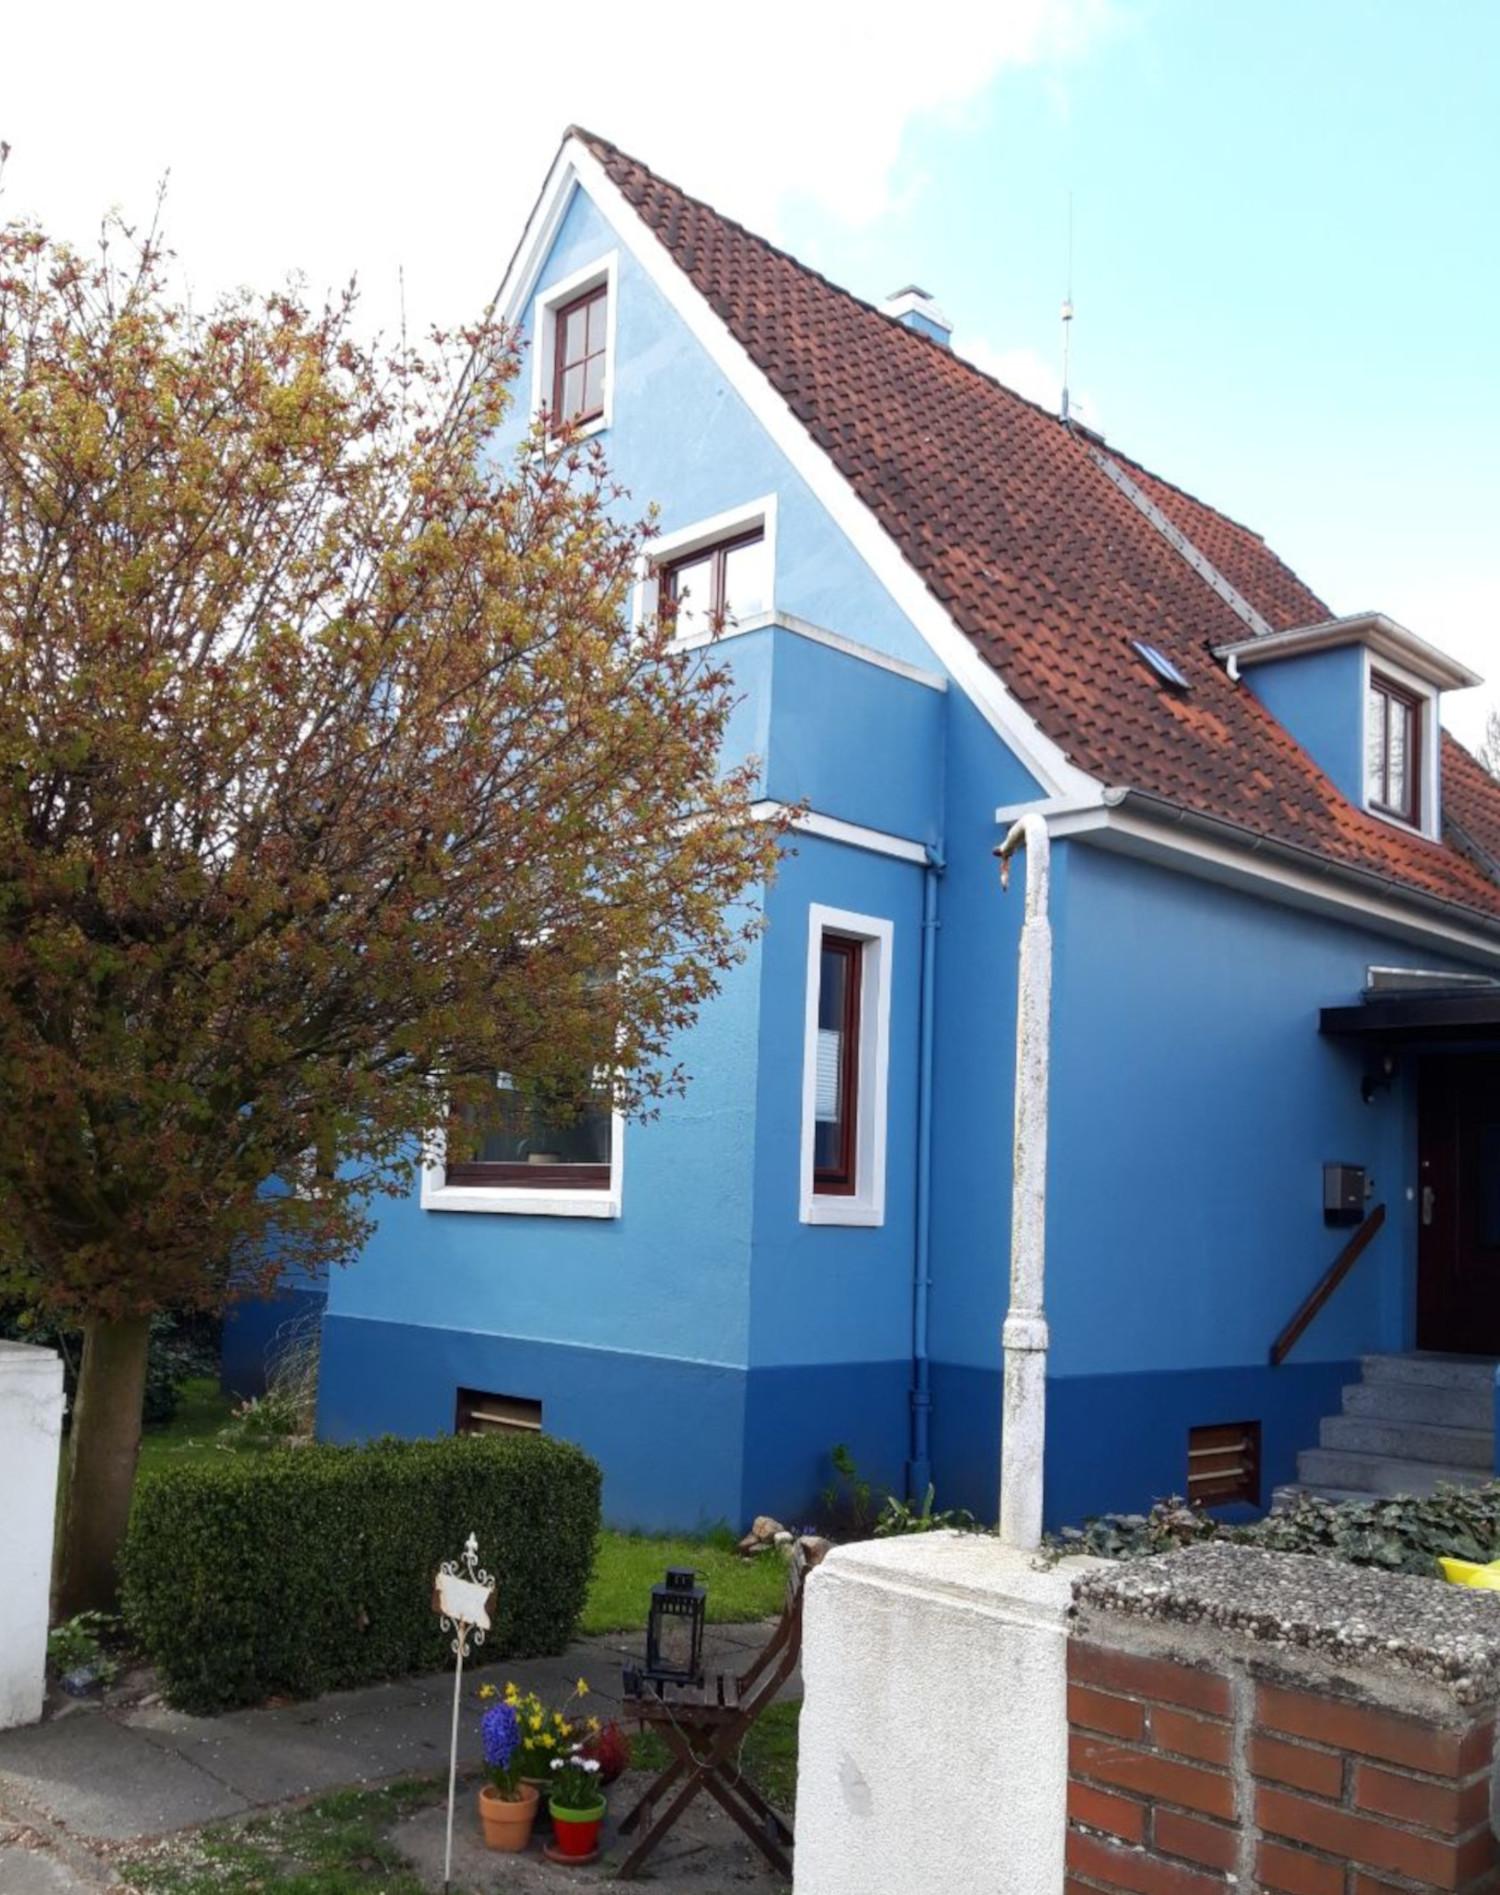 ein blaues Häuschen mit weißen Fensterrahmen